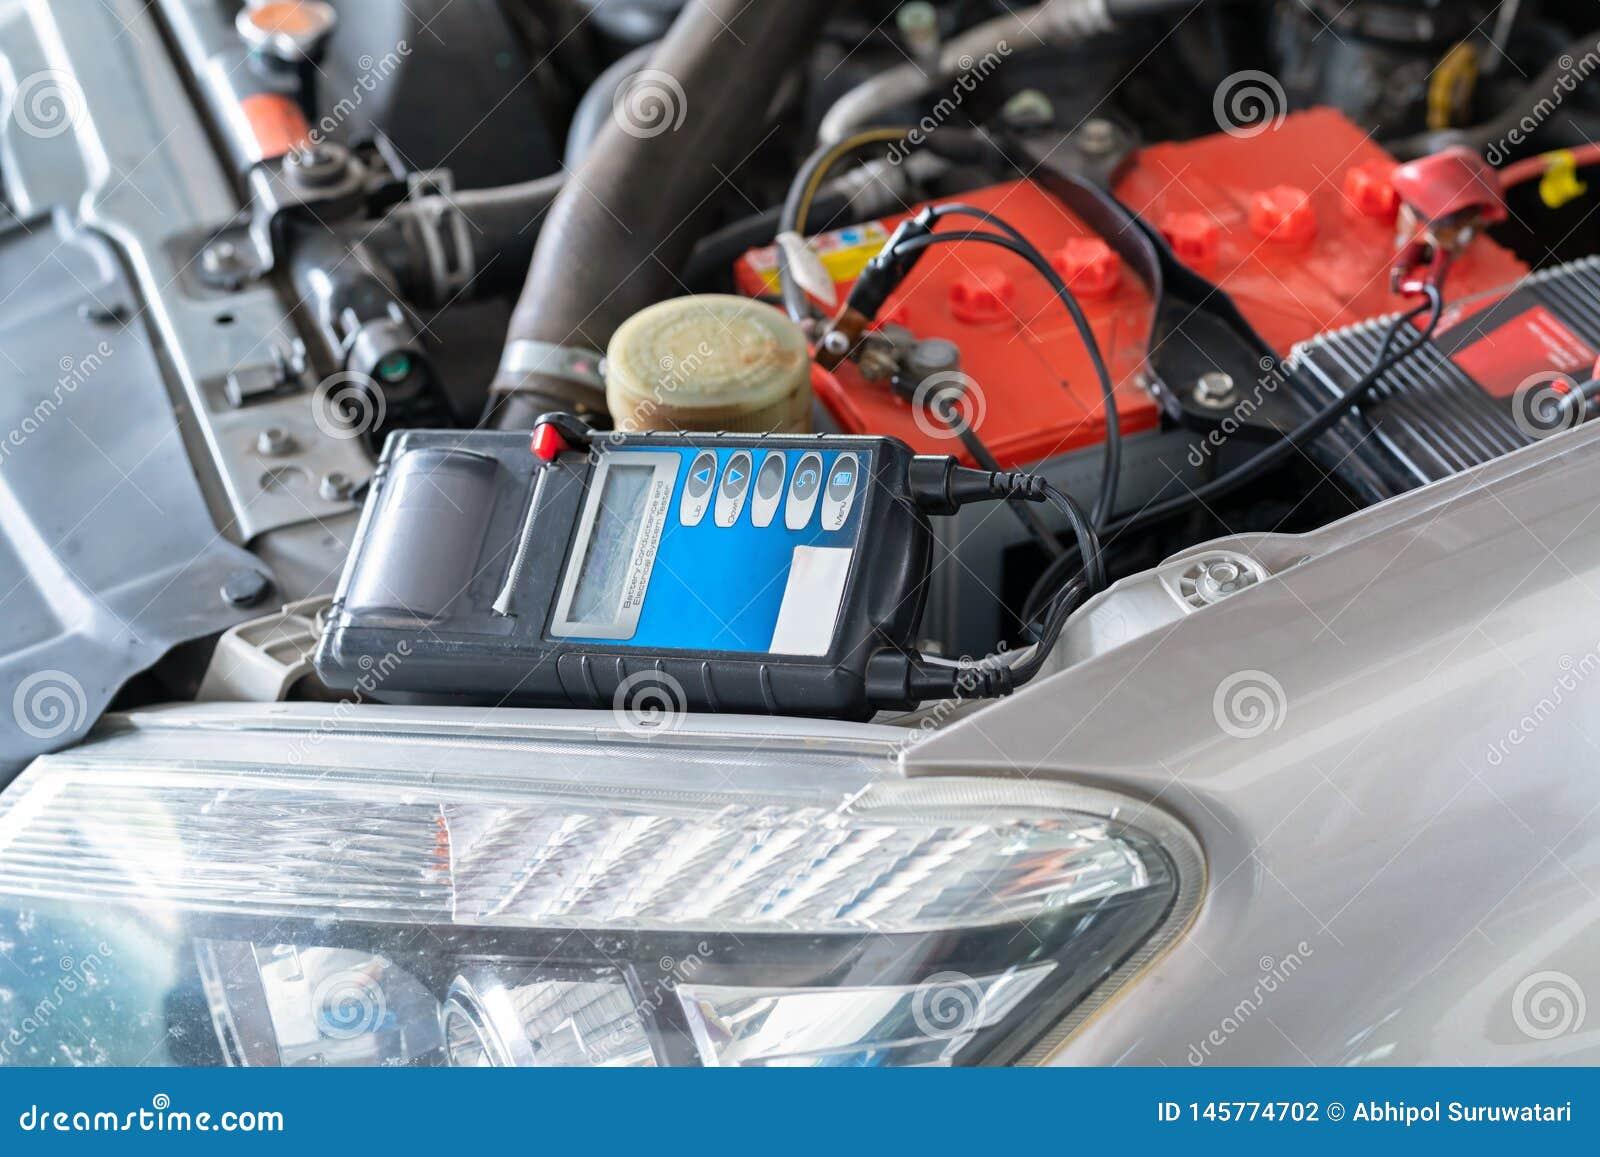 Voltímetro del probador de la capacidad de la batería para el mantenimiento del servicio de industrial